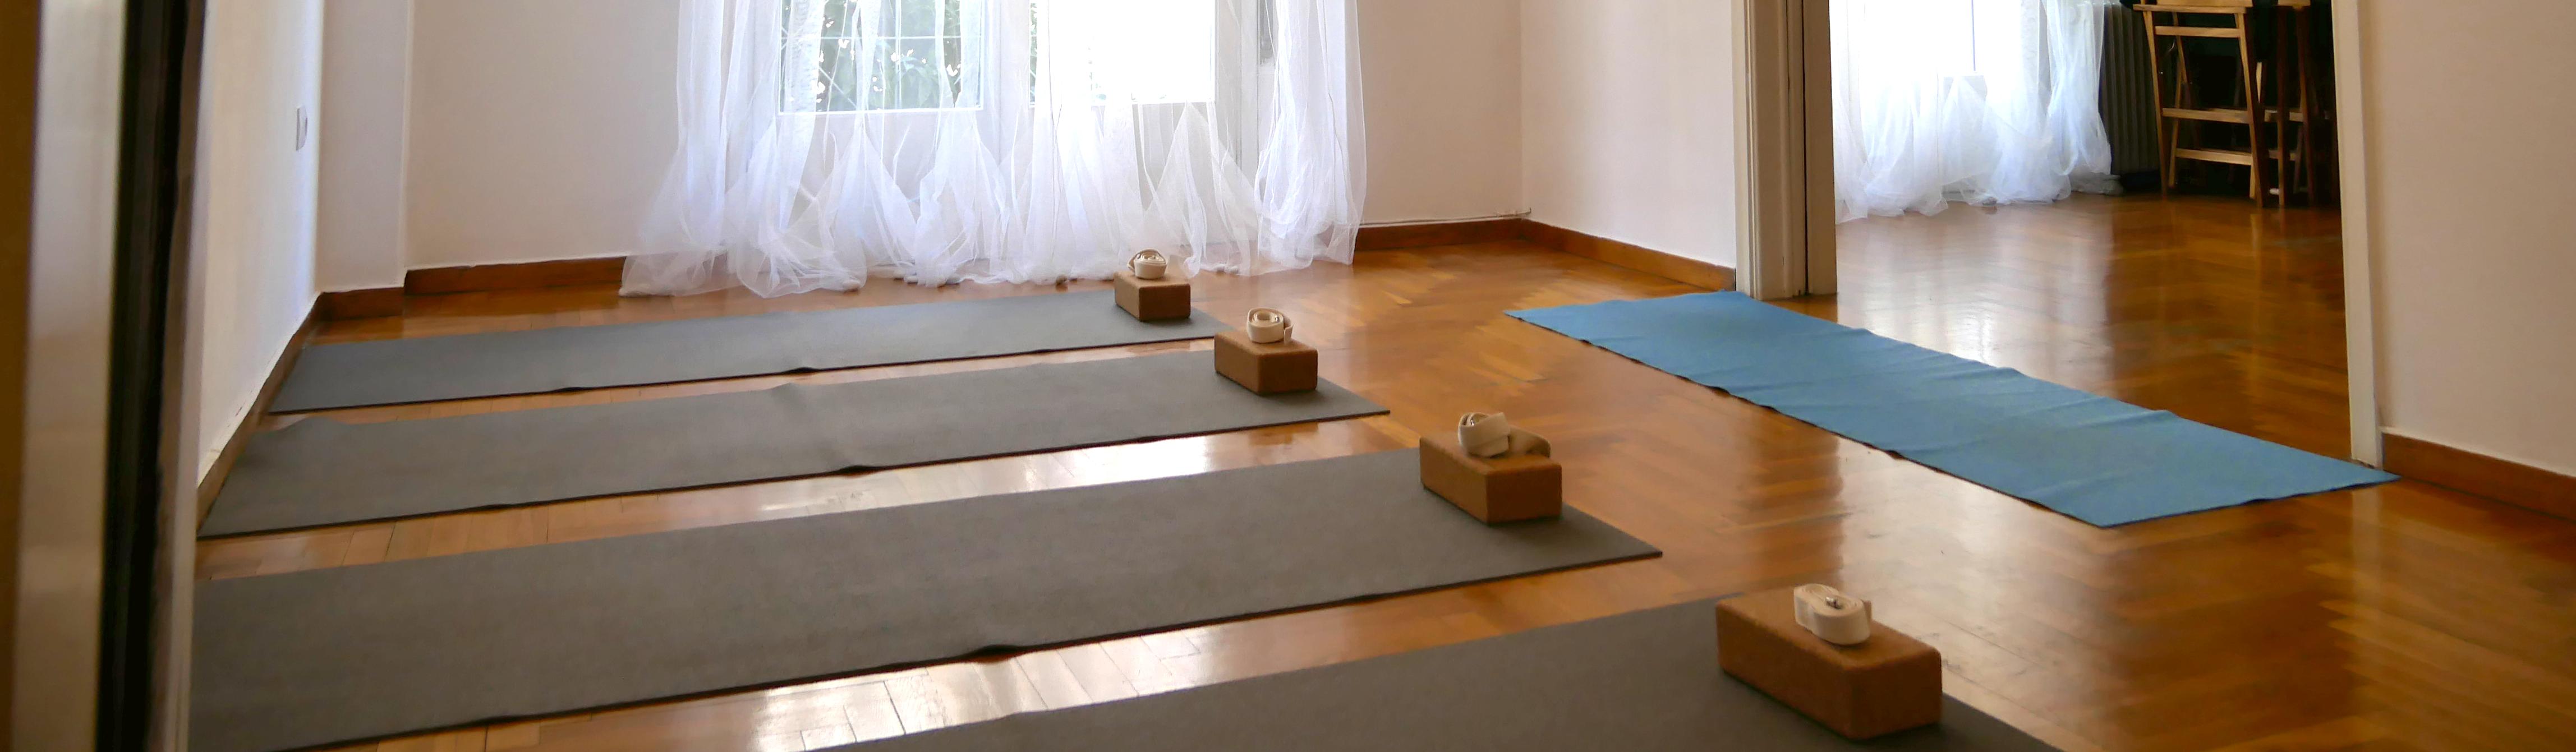 Studio kundakunda yoga Athens